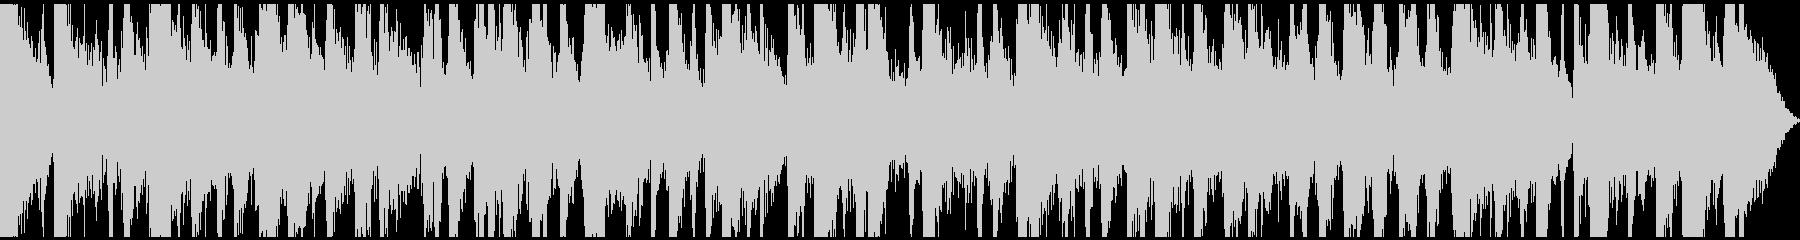 陽気なホーンのキューバ音楽 15秒の未再生の波形